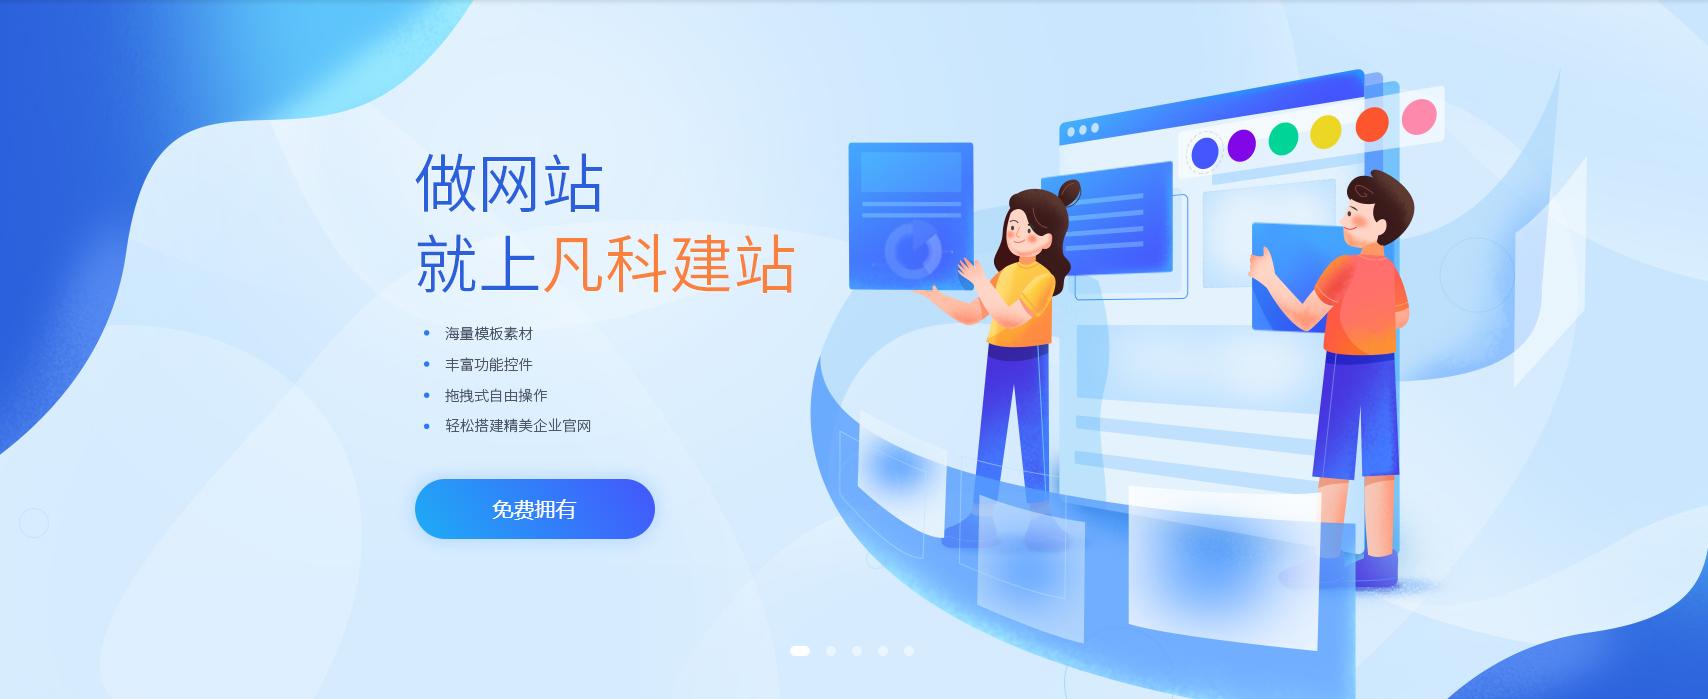 网站设计页面